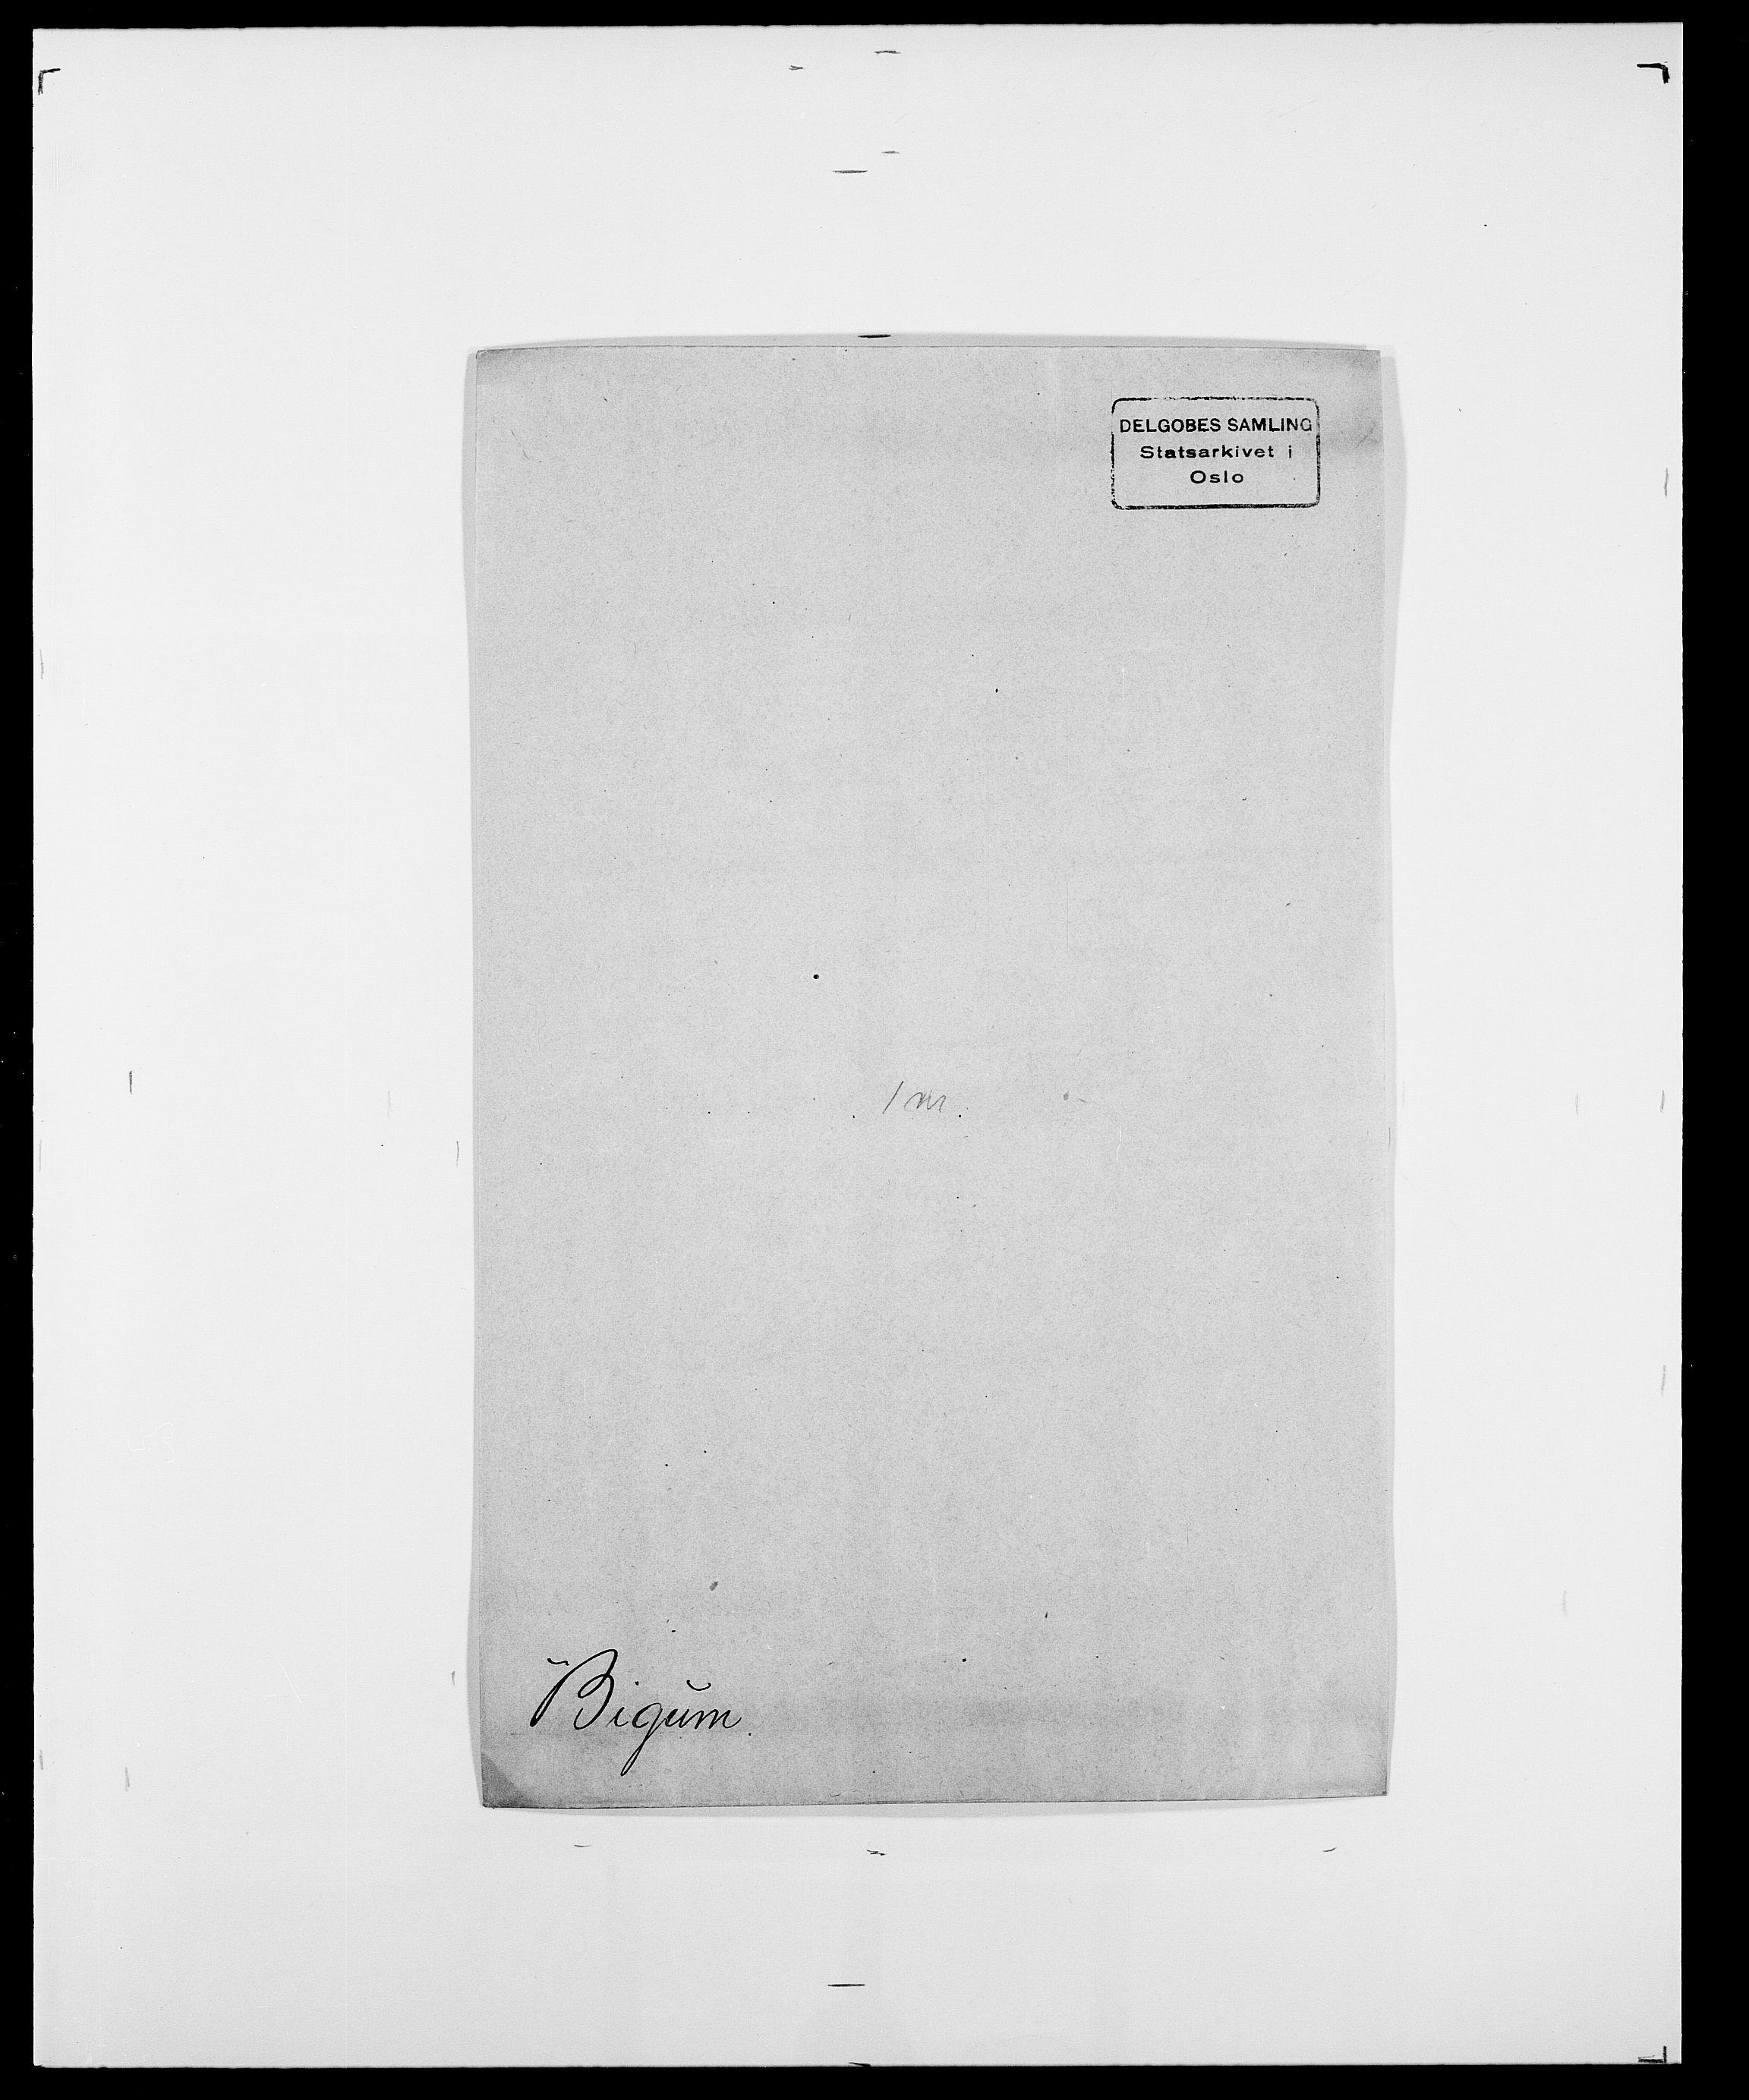 SAO, Delgobe, Charles Antoine - samling, D/Da/L0004: Bergendahl - Blære, s. 259